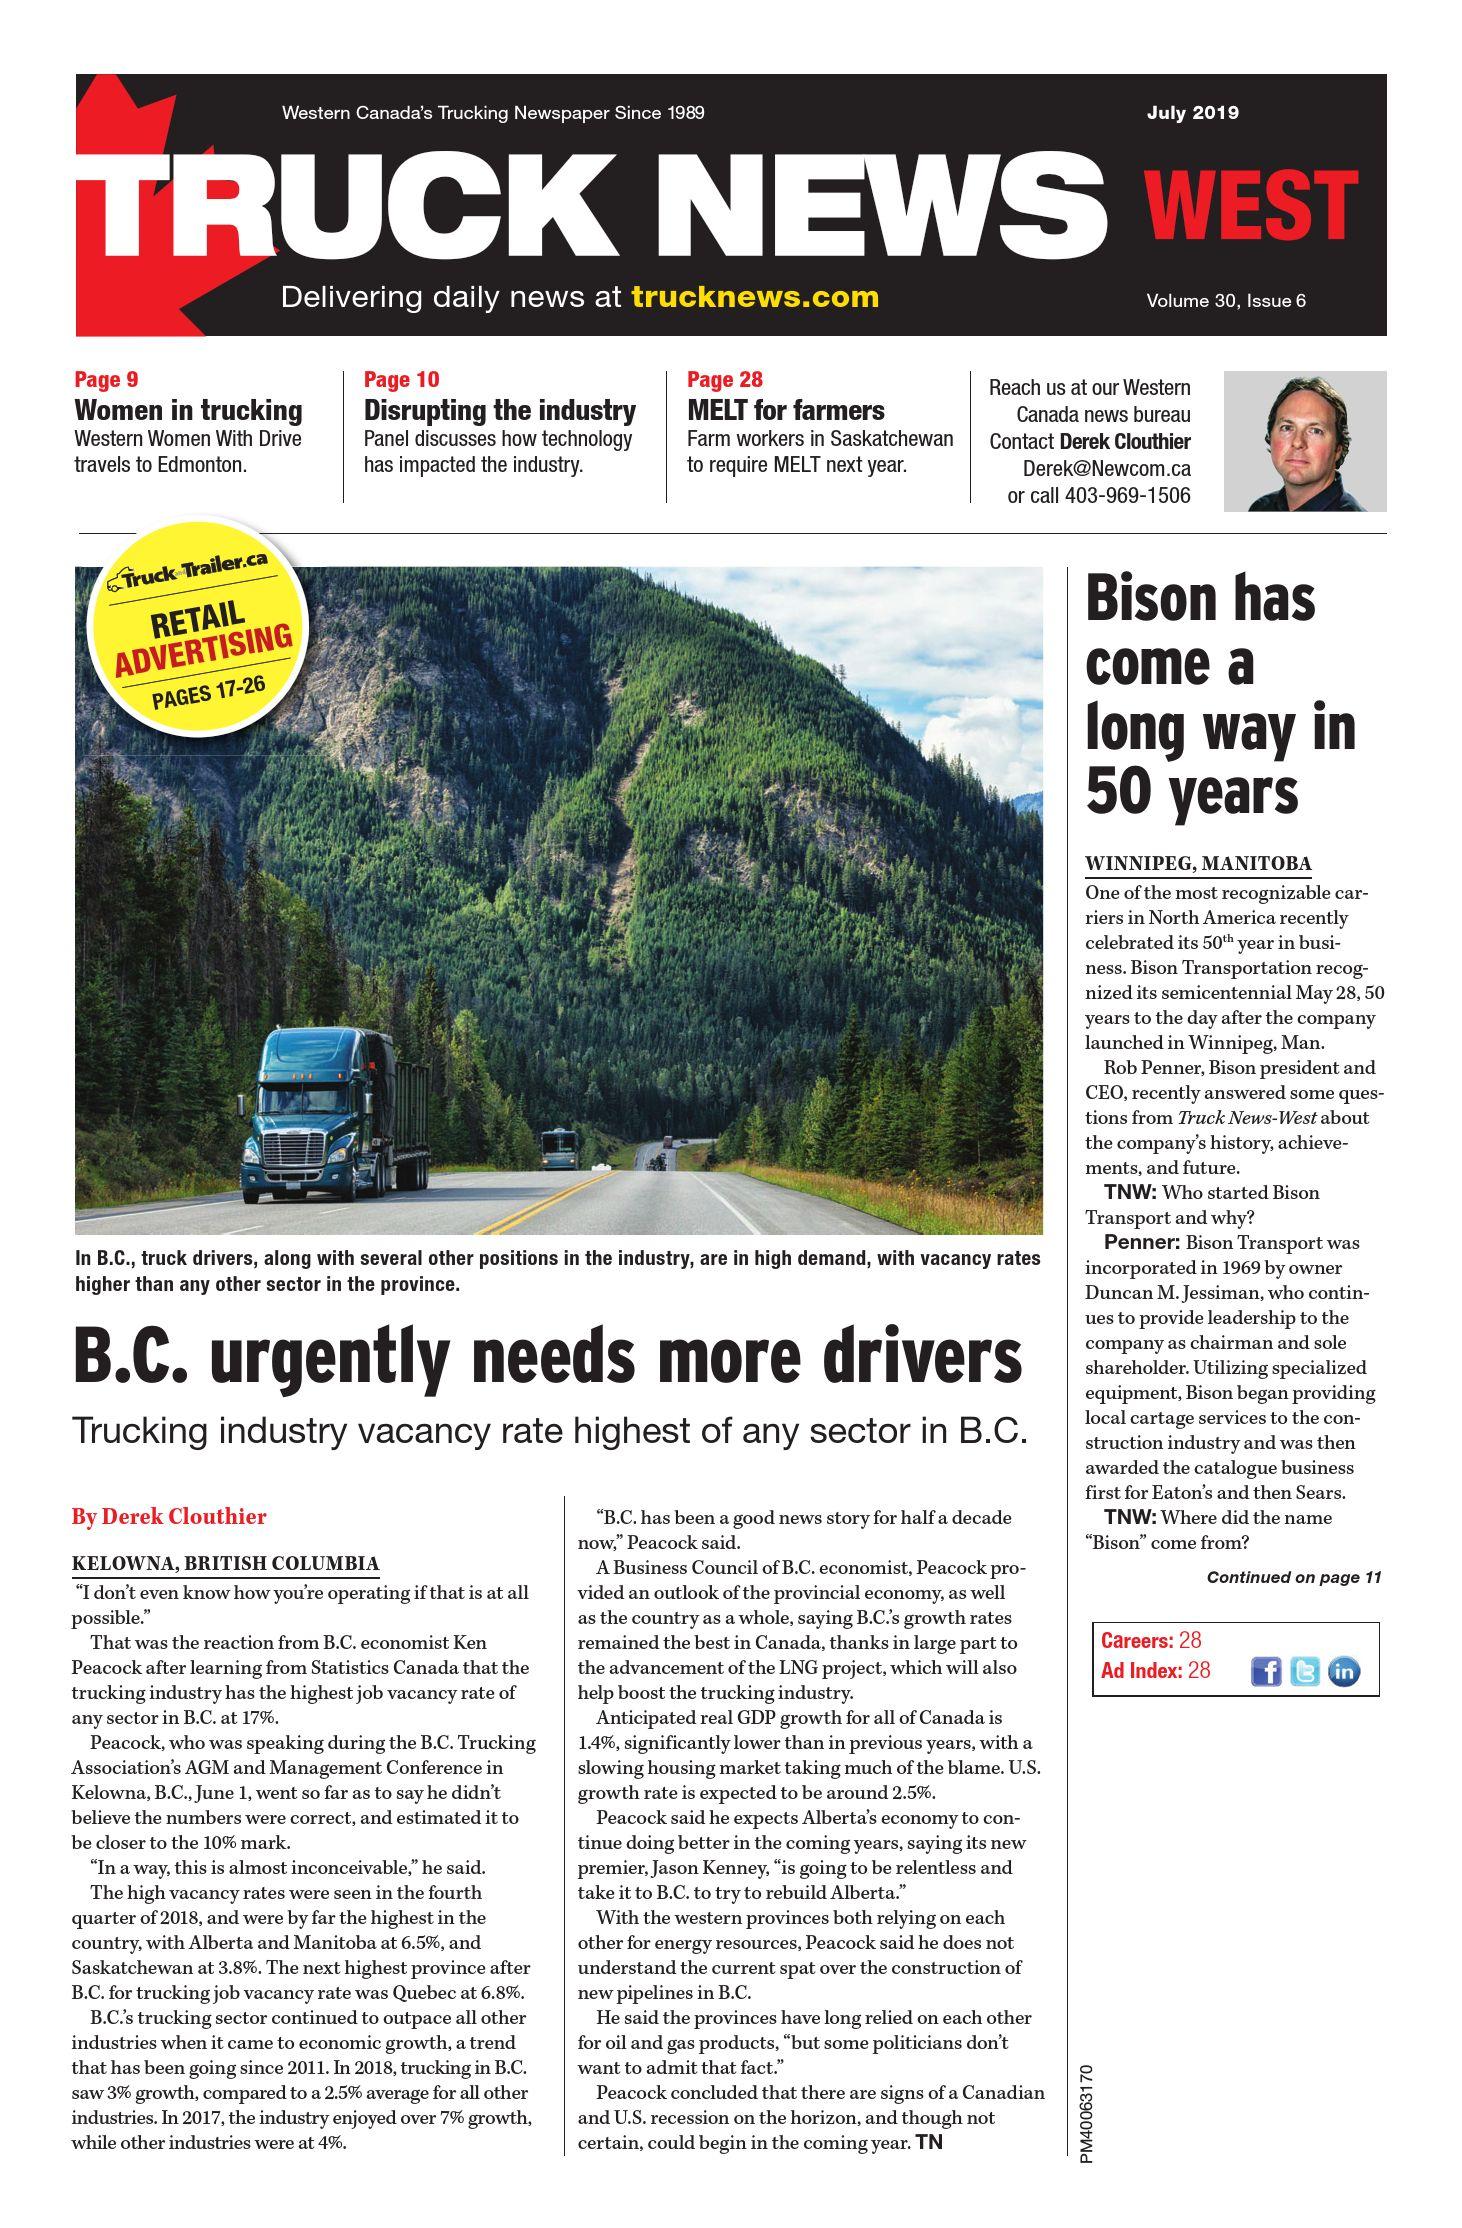 Truck News West – 1 juillet 2019